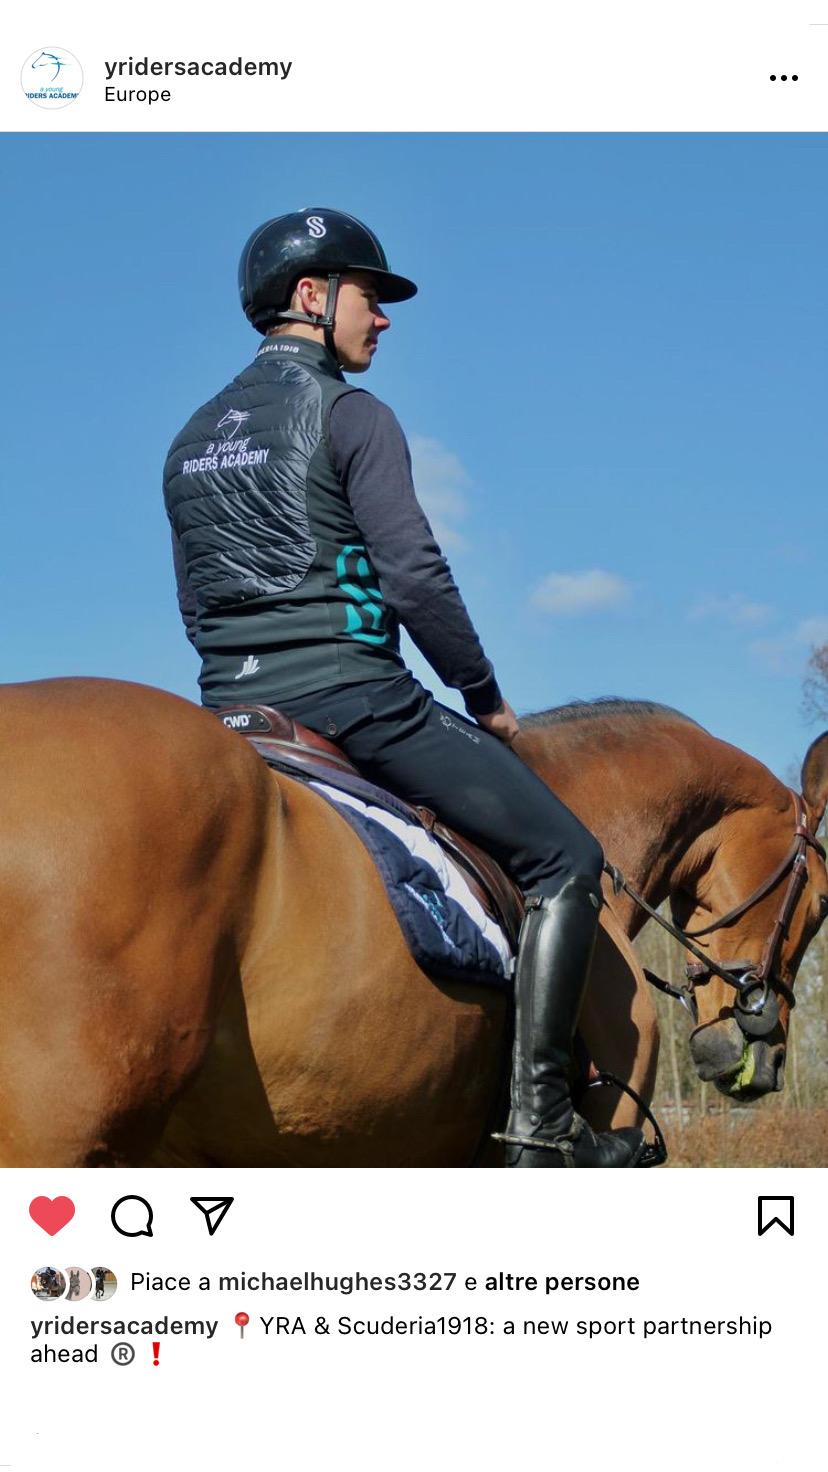 Anche negli sport equestri esiste il valore della meritocrazia, YRA e Scuderia 1918: il valore della meritocrazia.